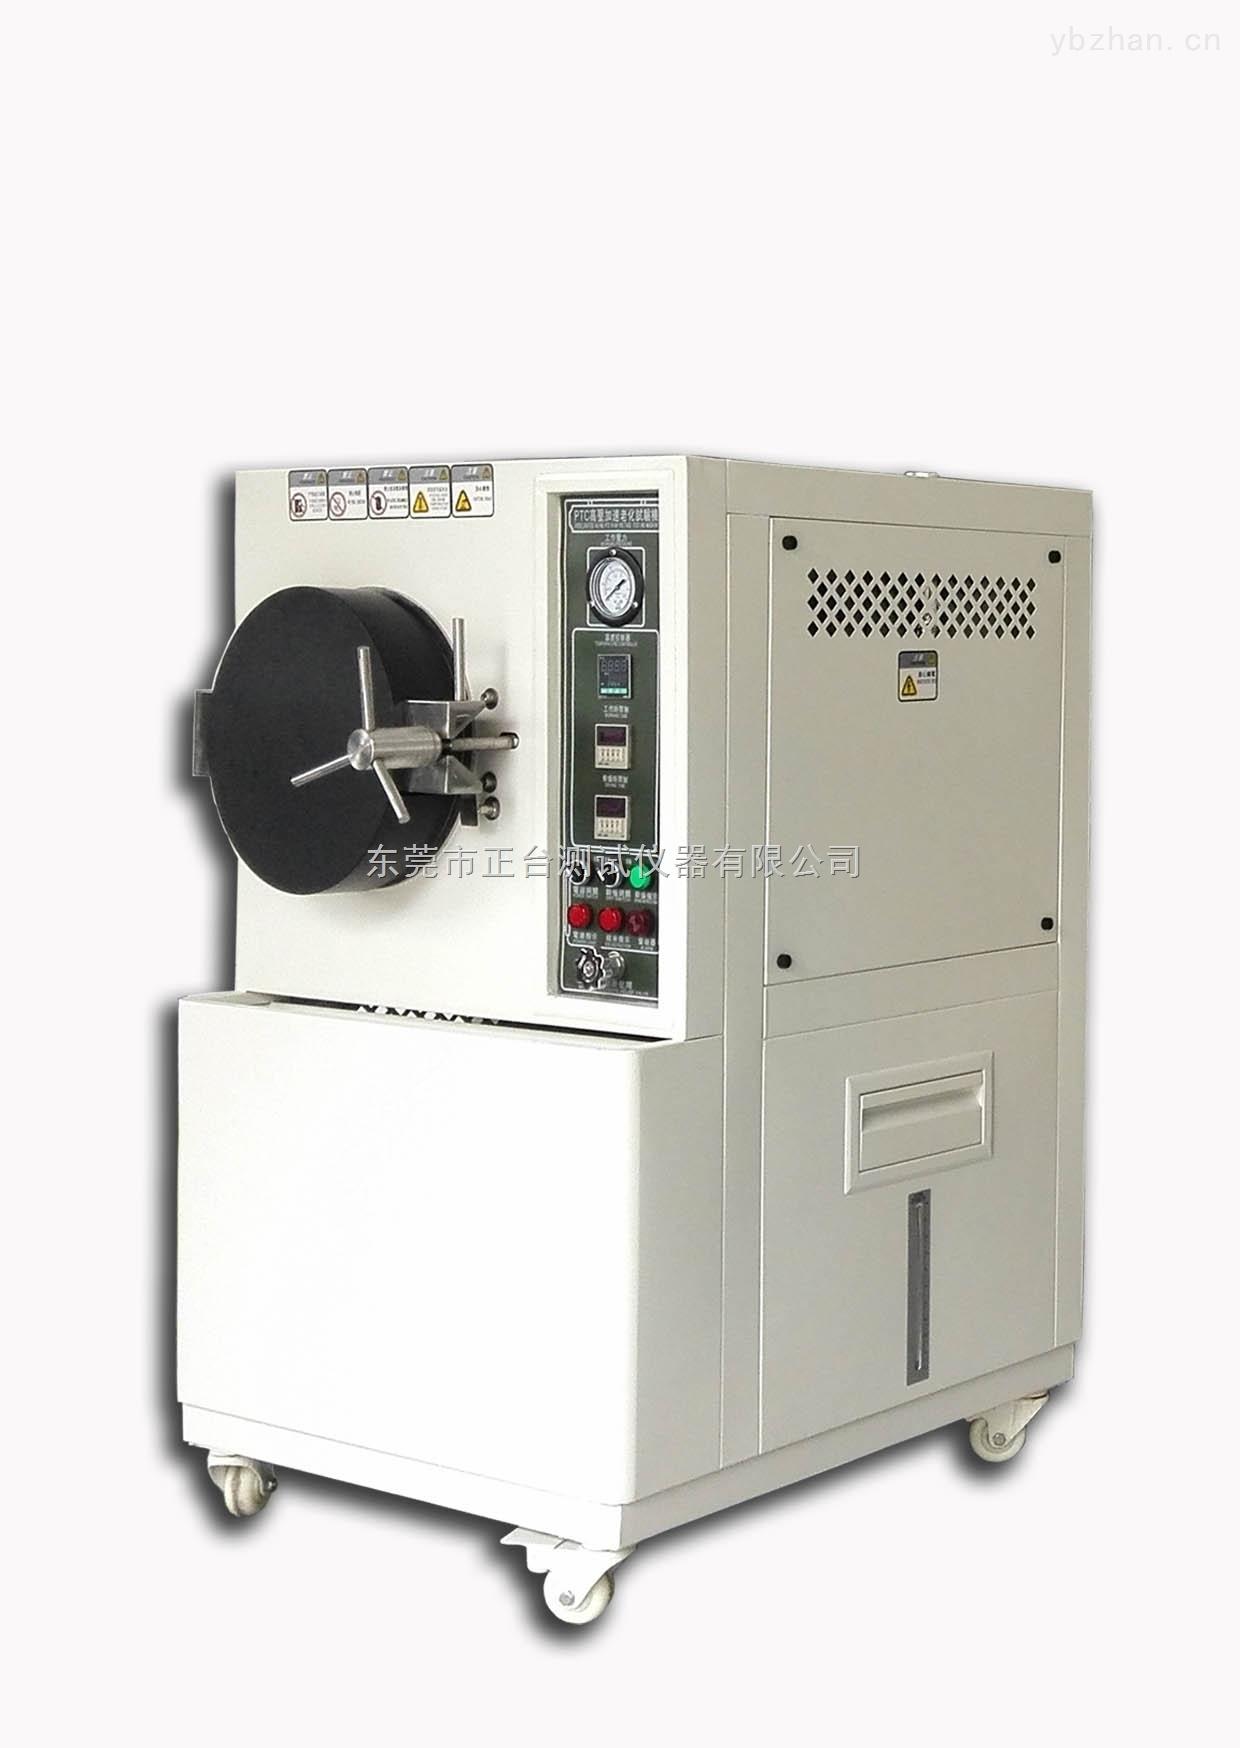 高压水煮仪,高压水煮测试仪